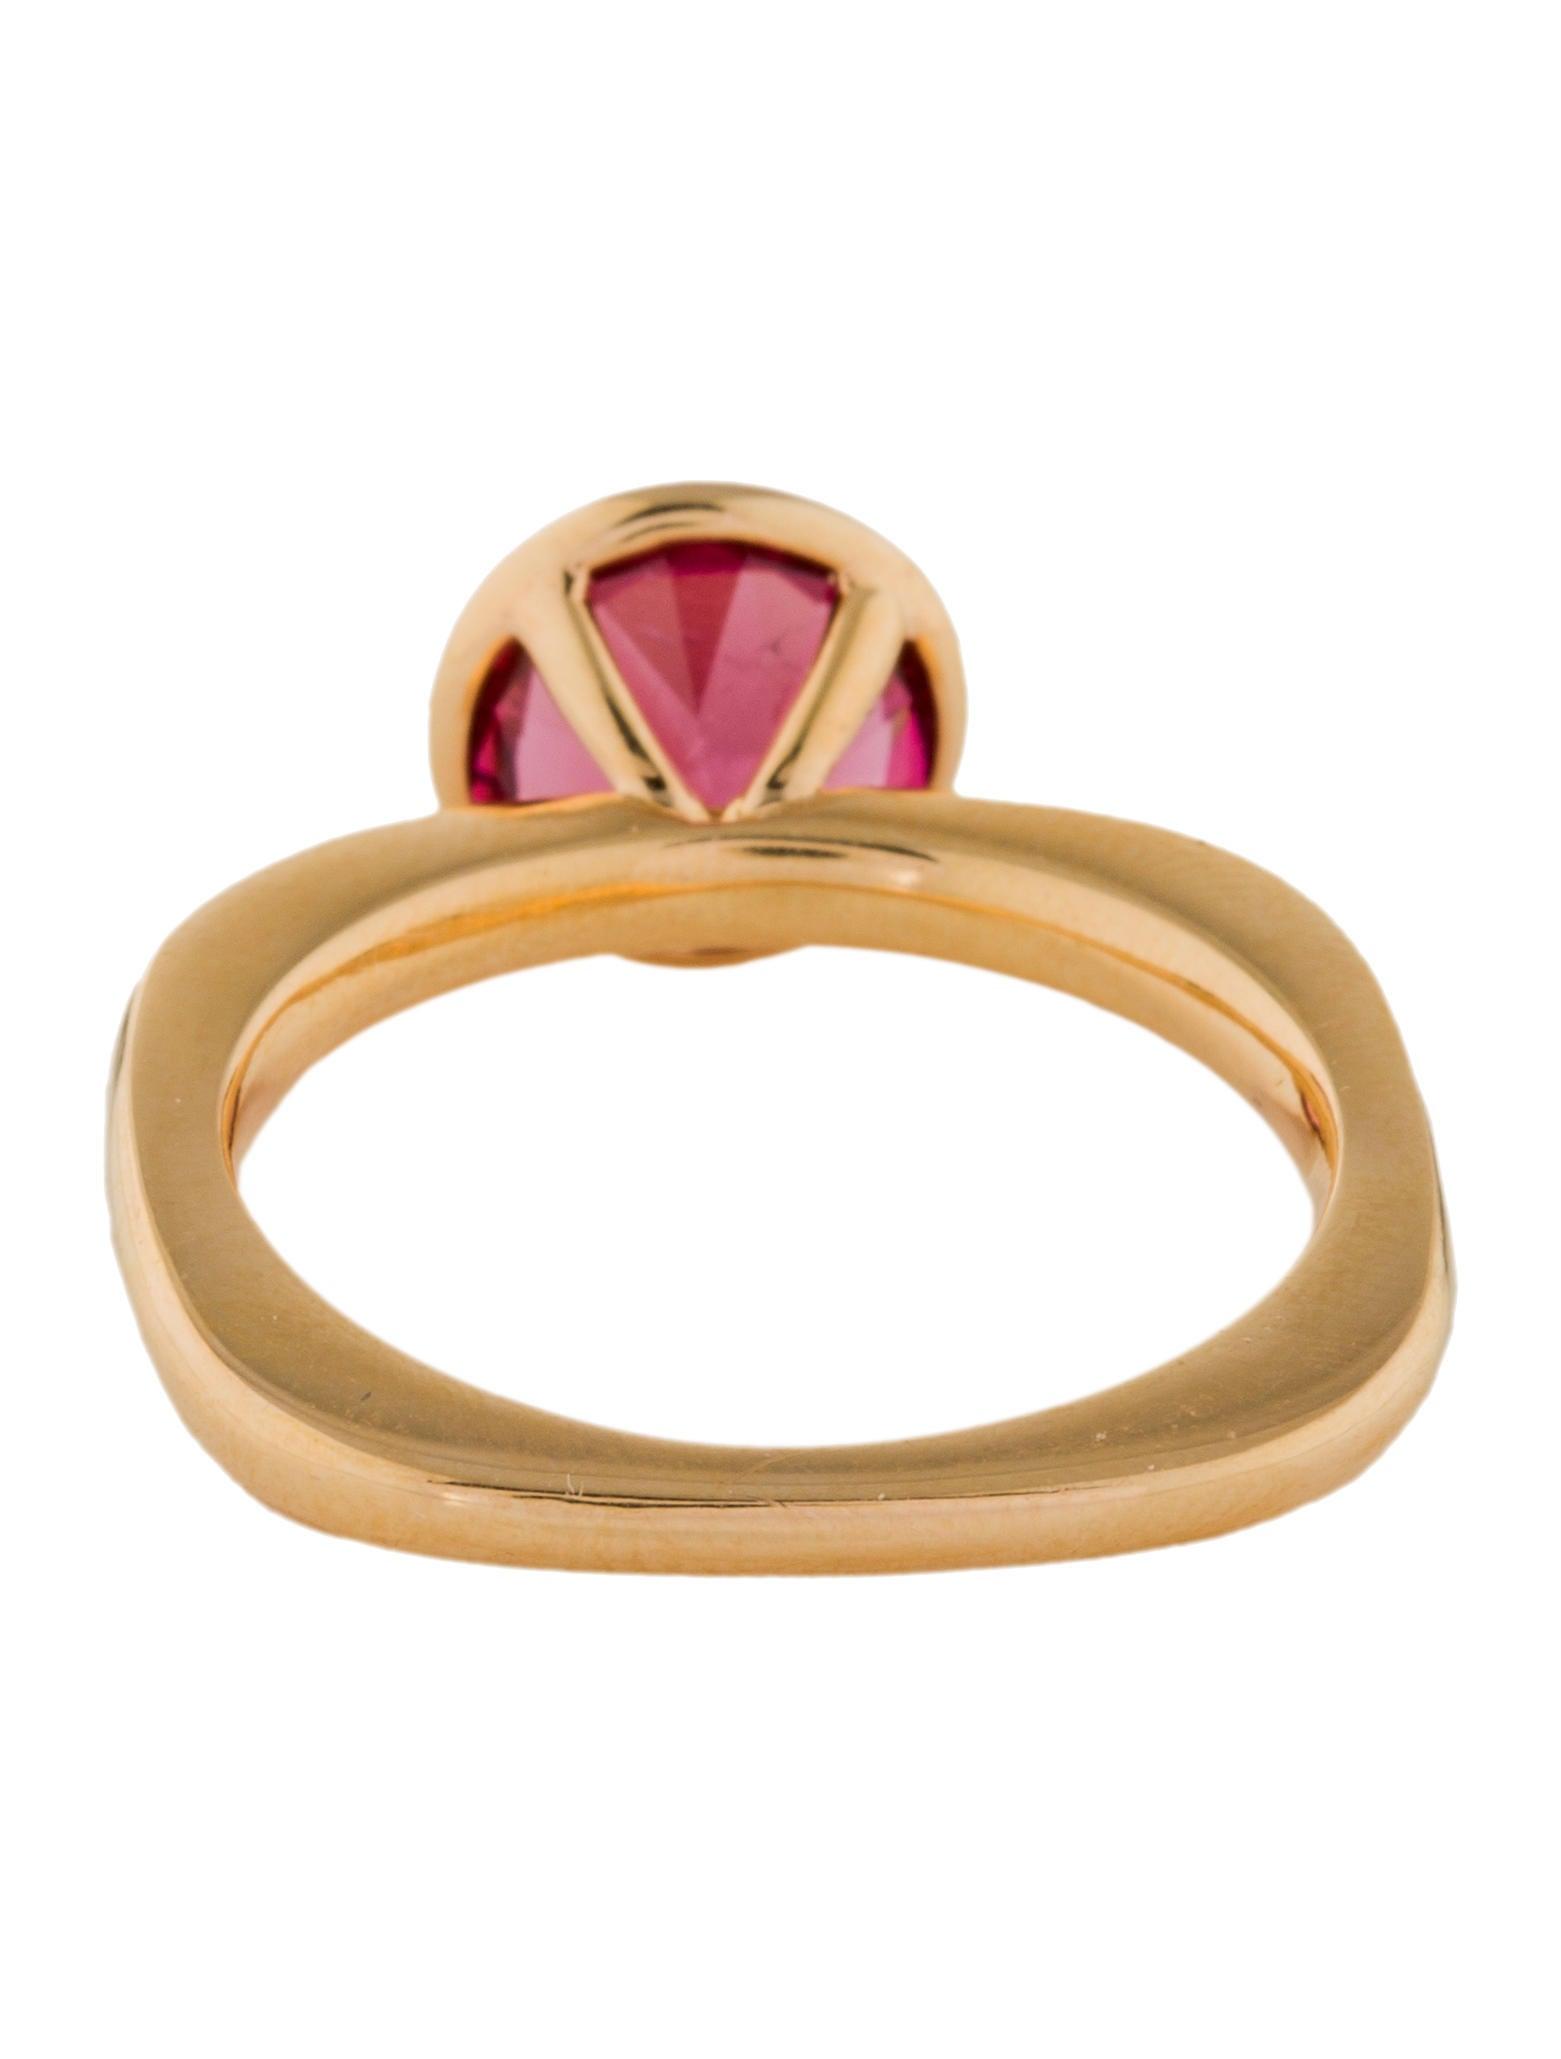 Goshwara Gossip Round Rubellite Stackable Ring - 6.5 z1y3TFT6z7